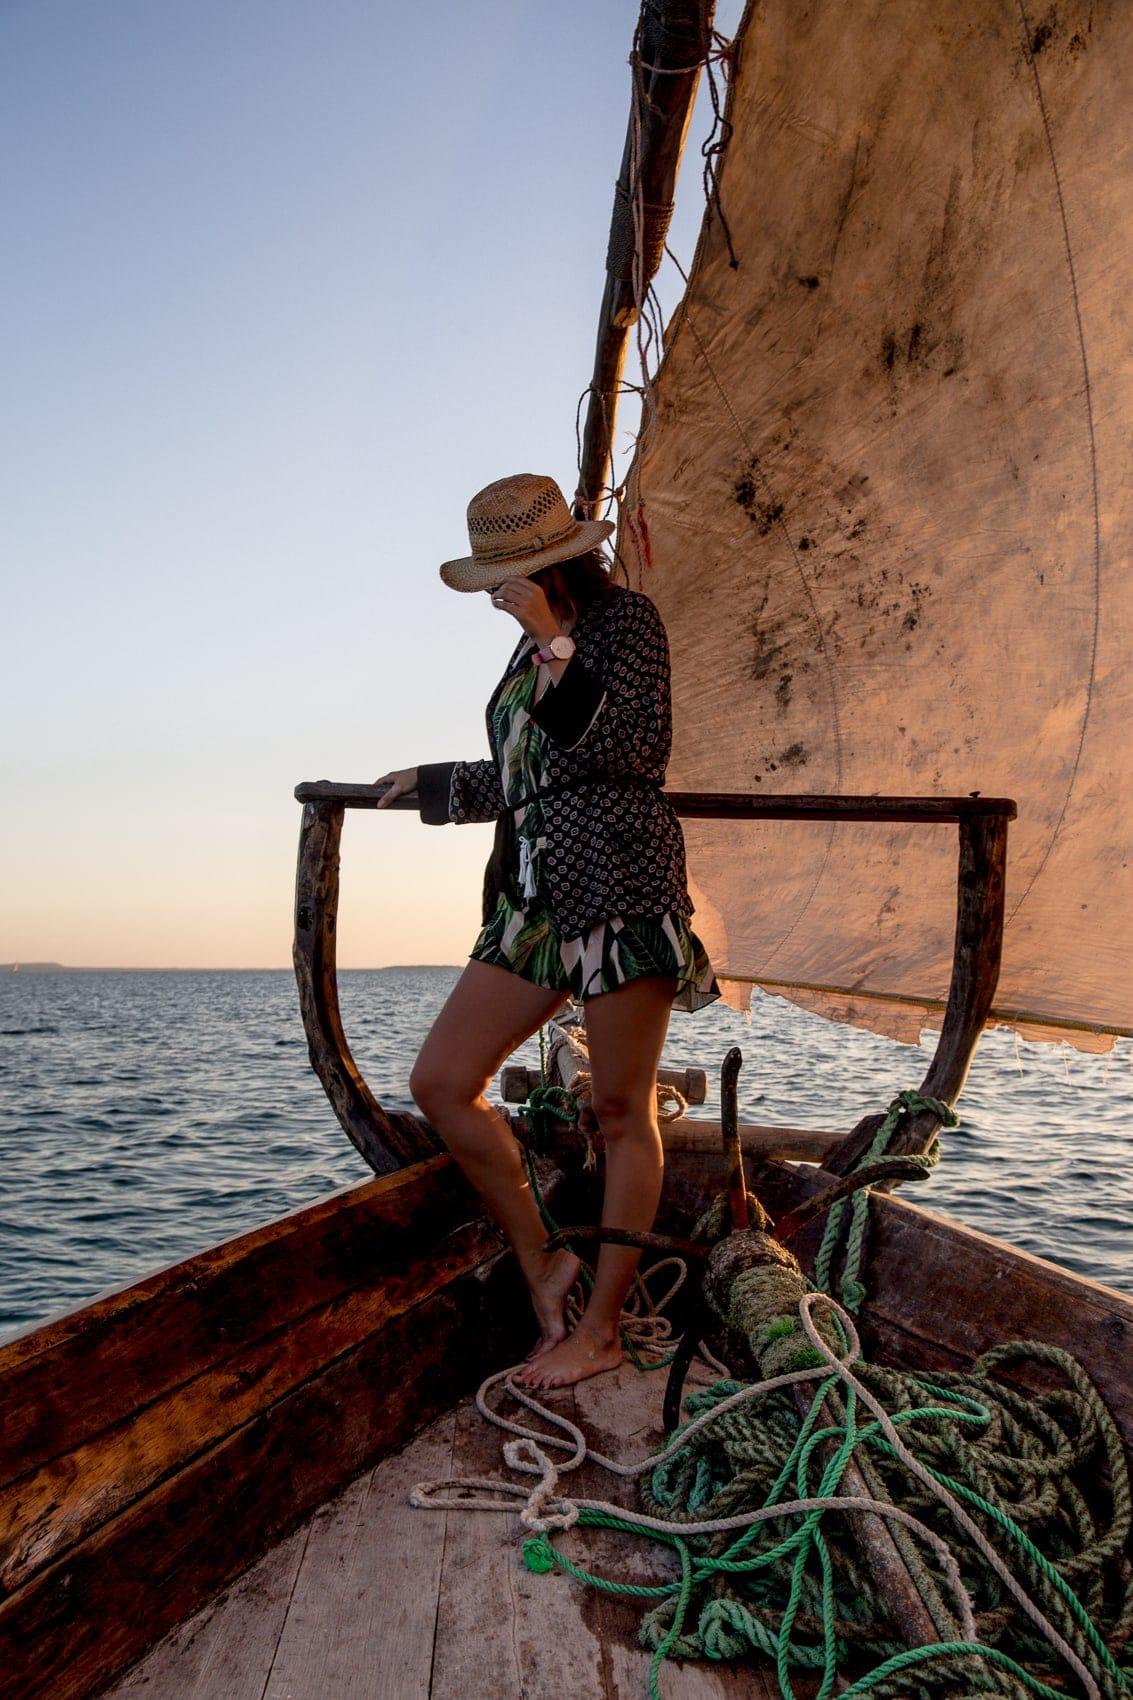 fünf-dinge-die-dich-auf-der-trauminsel-sansibar-überraschen-werden-sunset-cruise-kendwa-beach-reiseblog-des-belles-choses 7